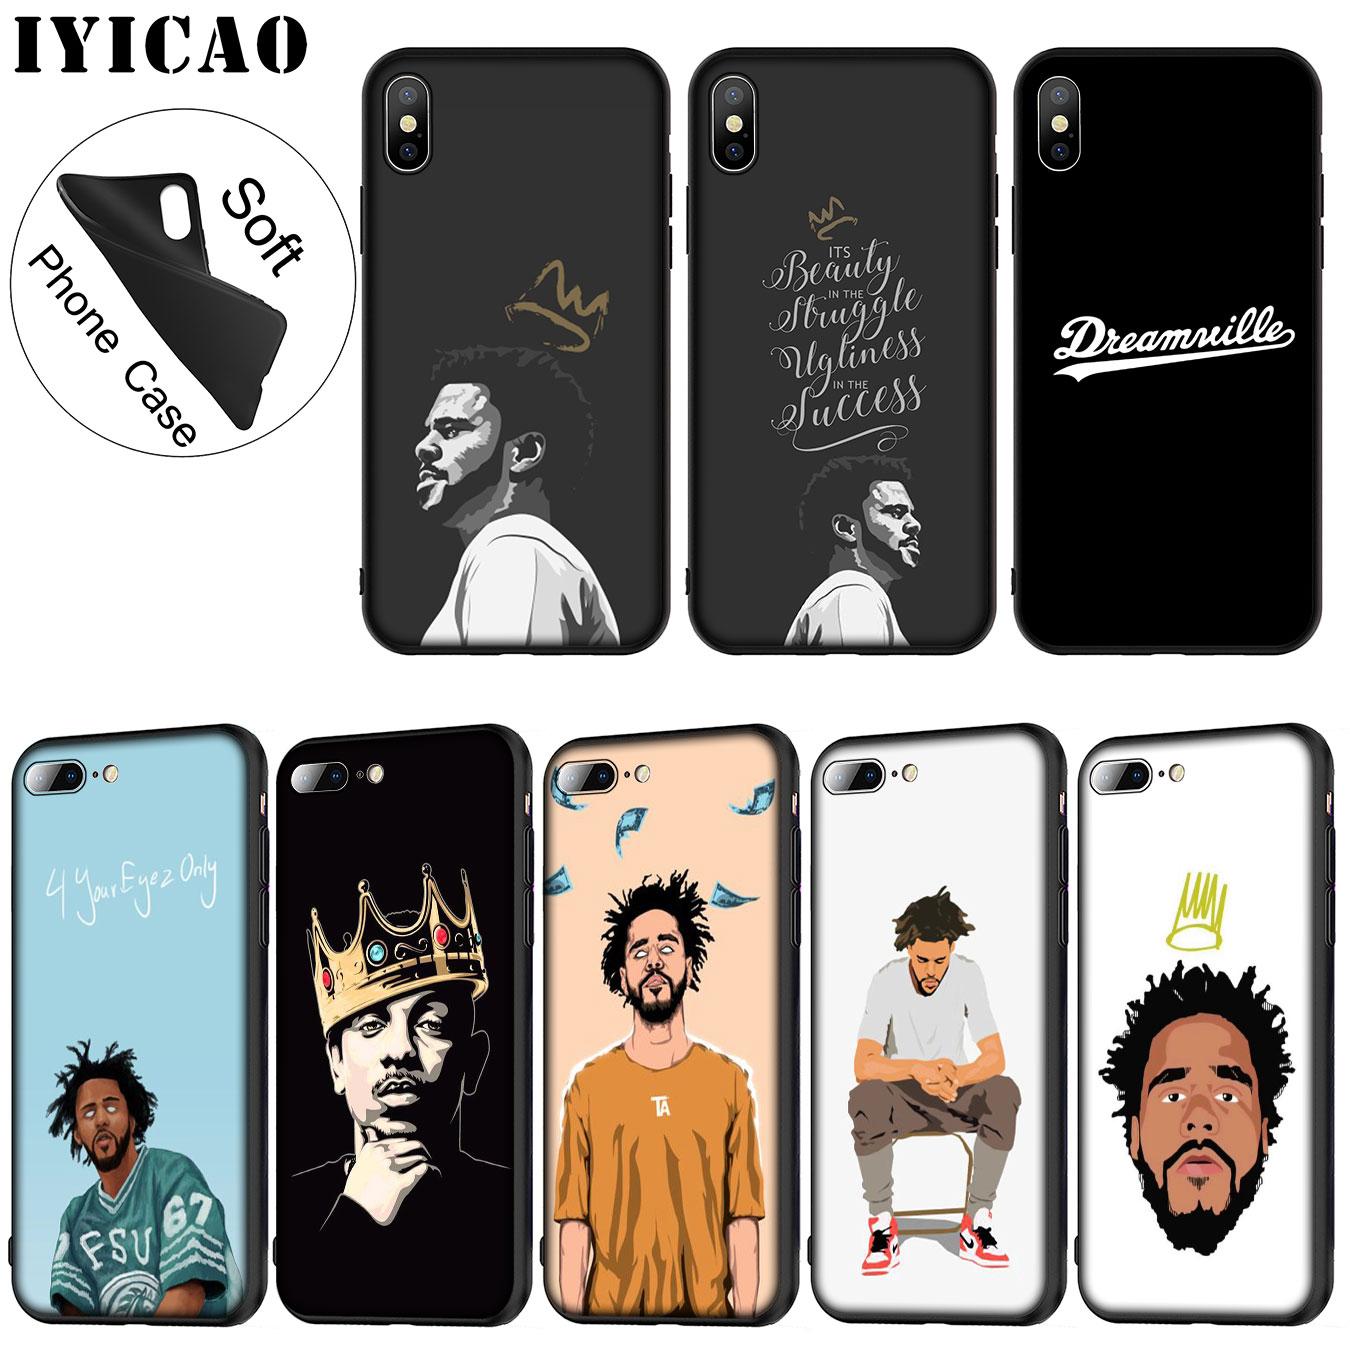 J Cole Dreamville iphone case